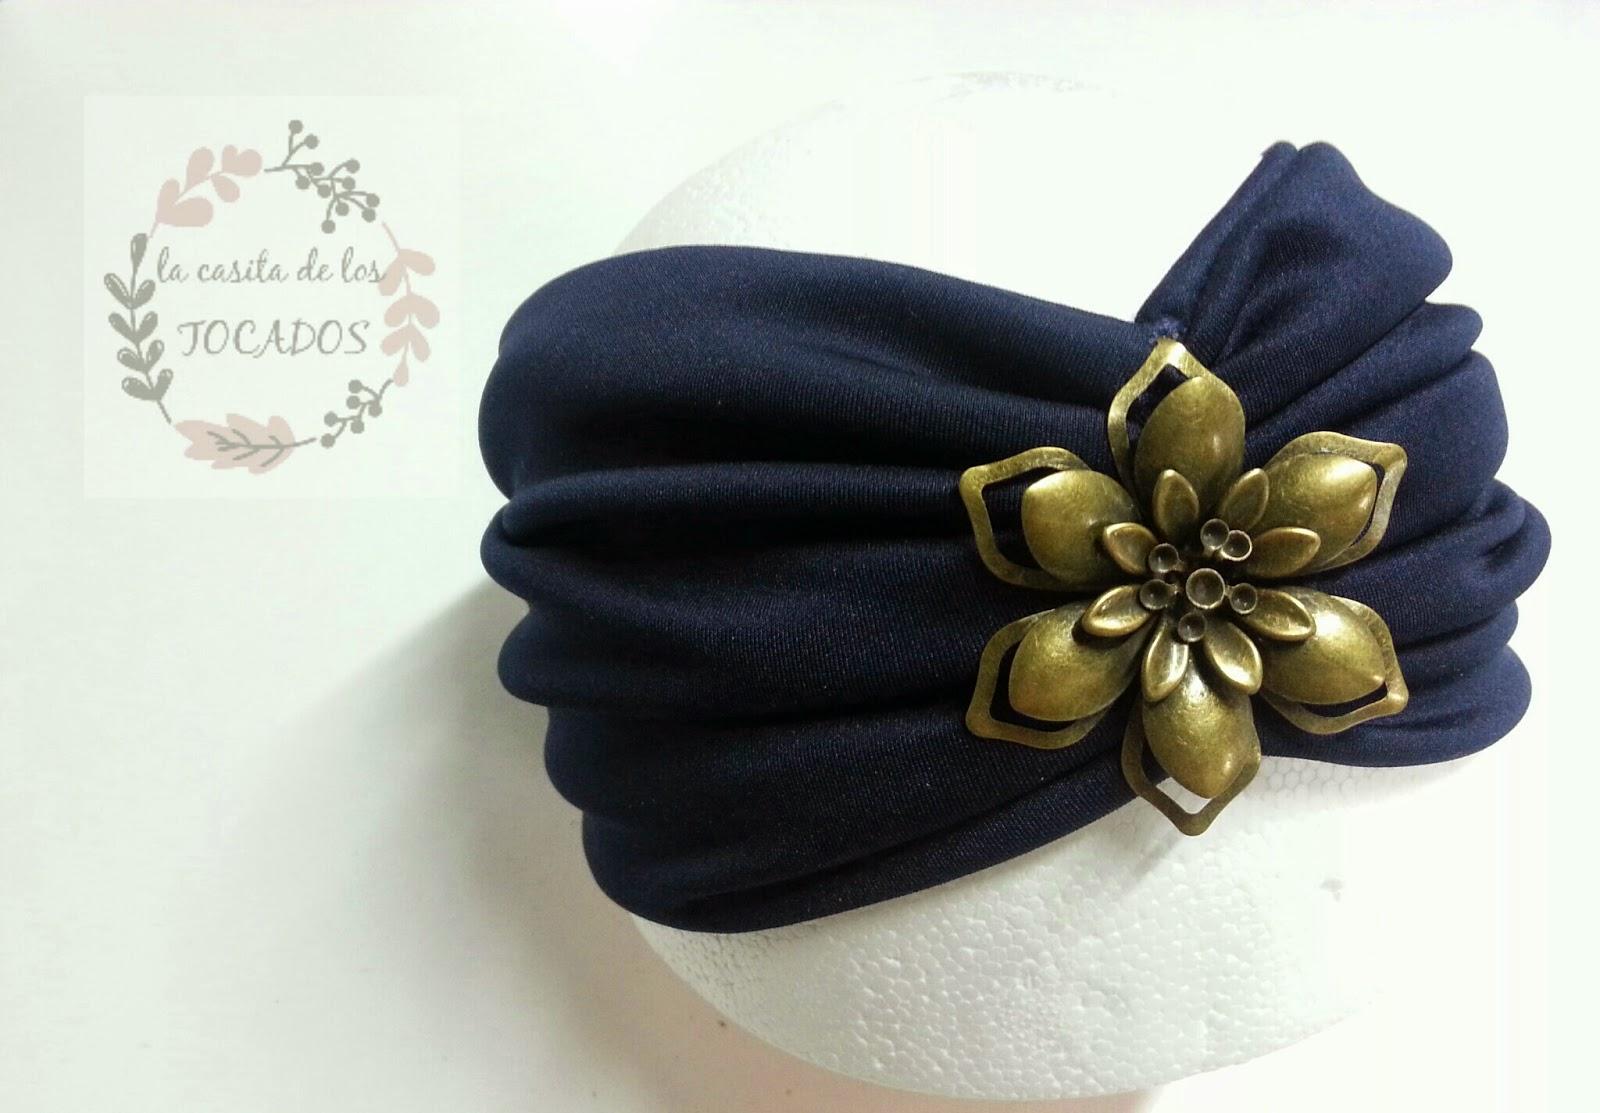 turbante de licra en color azul para boda o evento de fiesta, en azul marino con aplicación de latón dorada